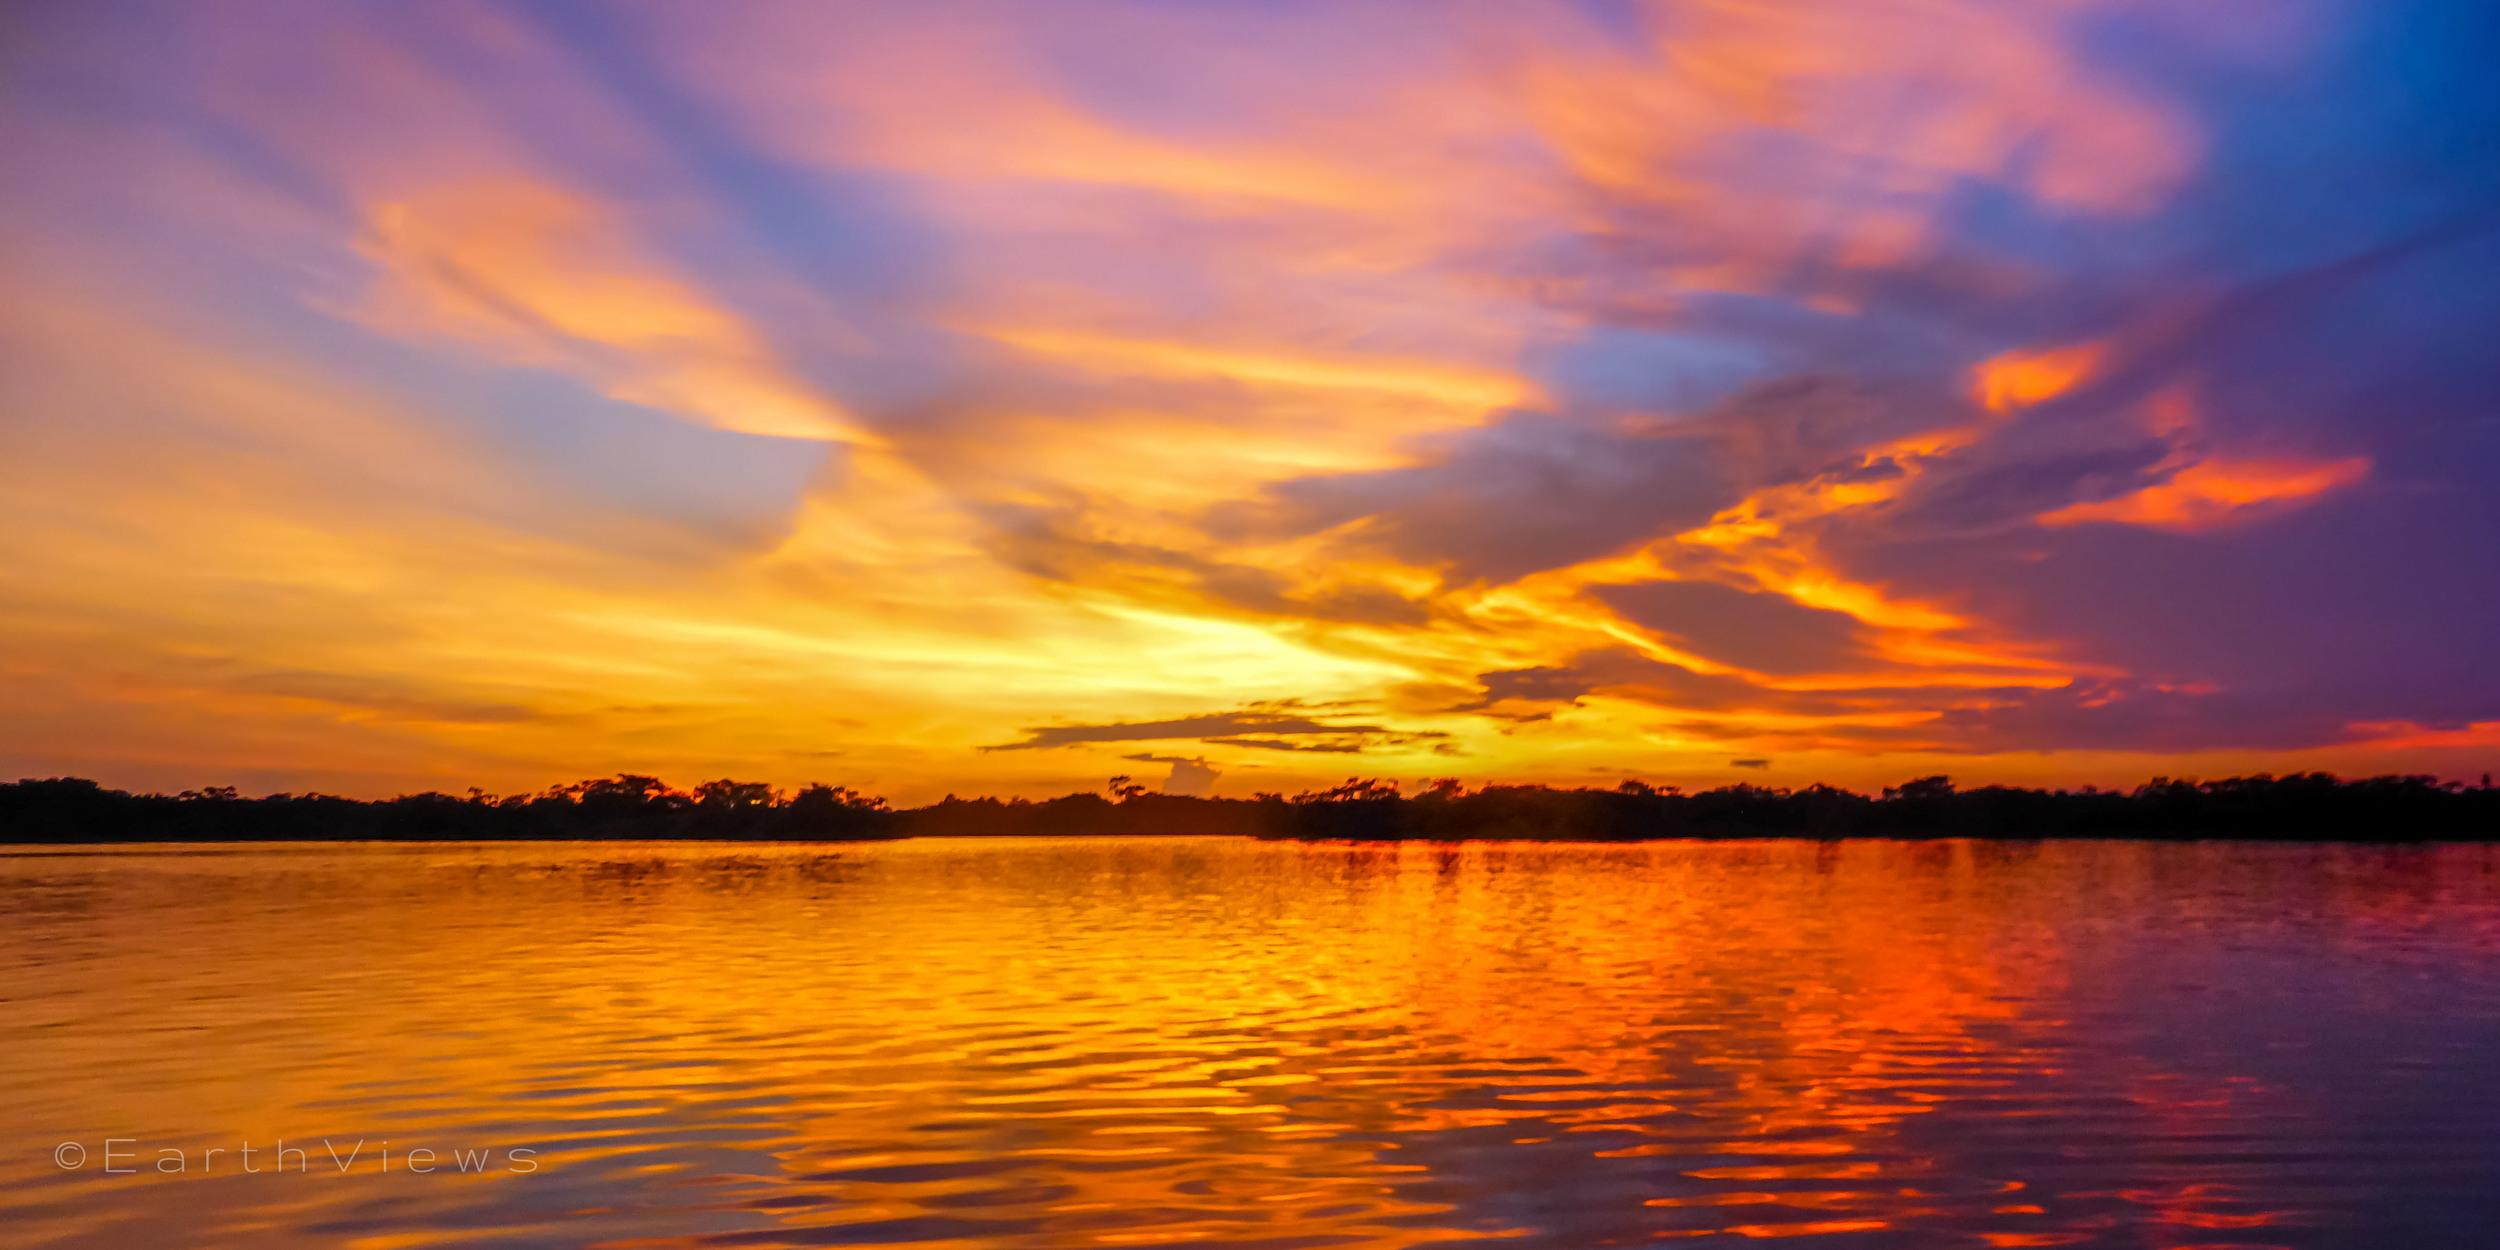 A beautiful Amazon sunset.